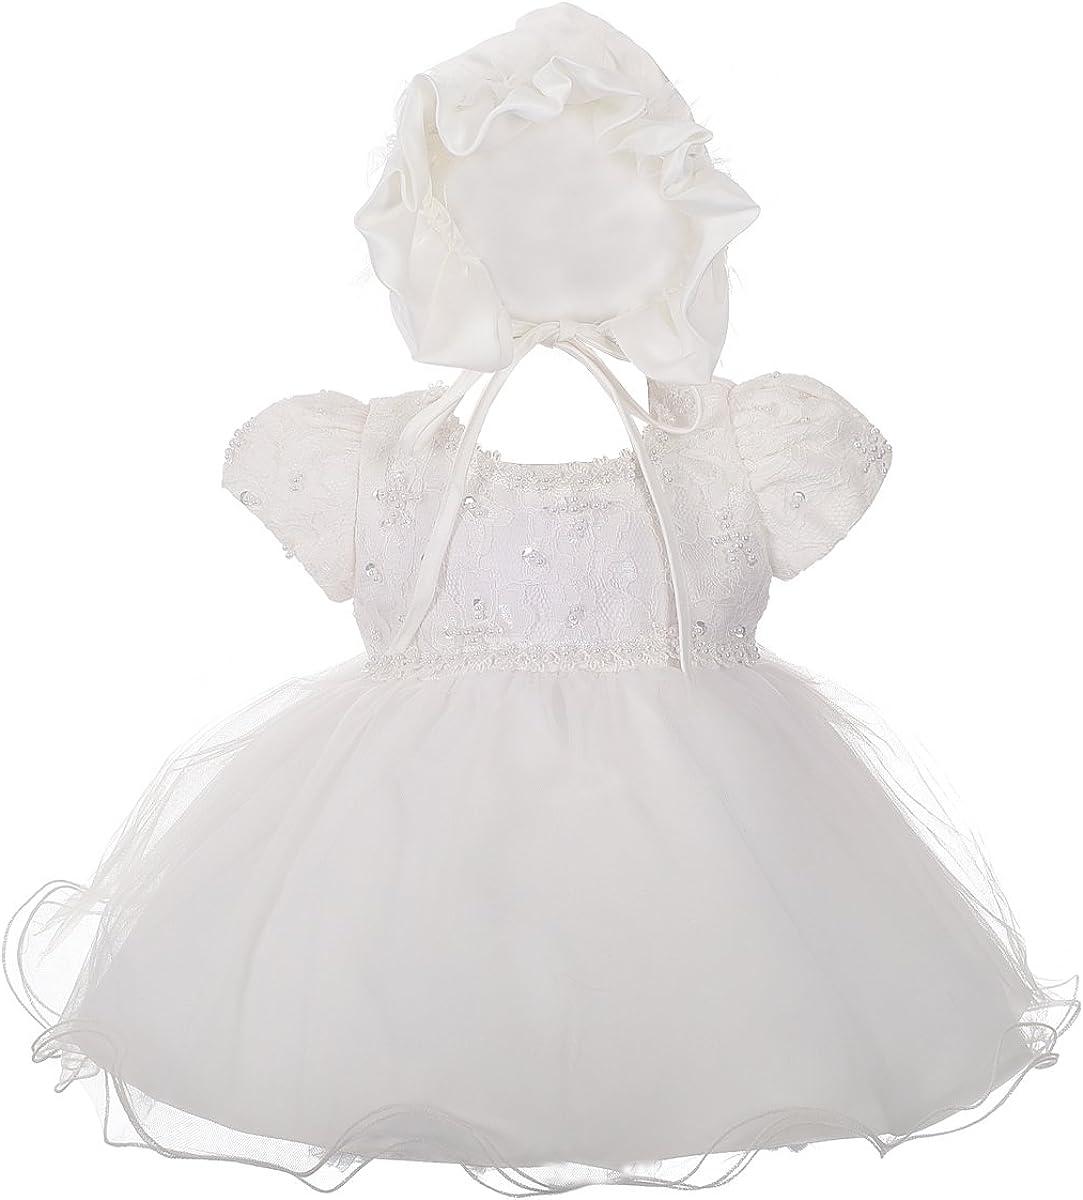 Lito Angels Baby M/ädchen Taufkleid Taufkleid mit Haube Hochzeit M/ädchen Kleid Perlenspitze Elfenbein